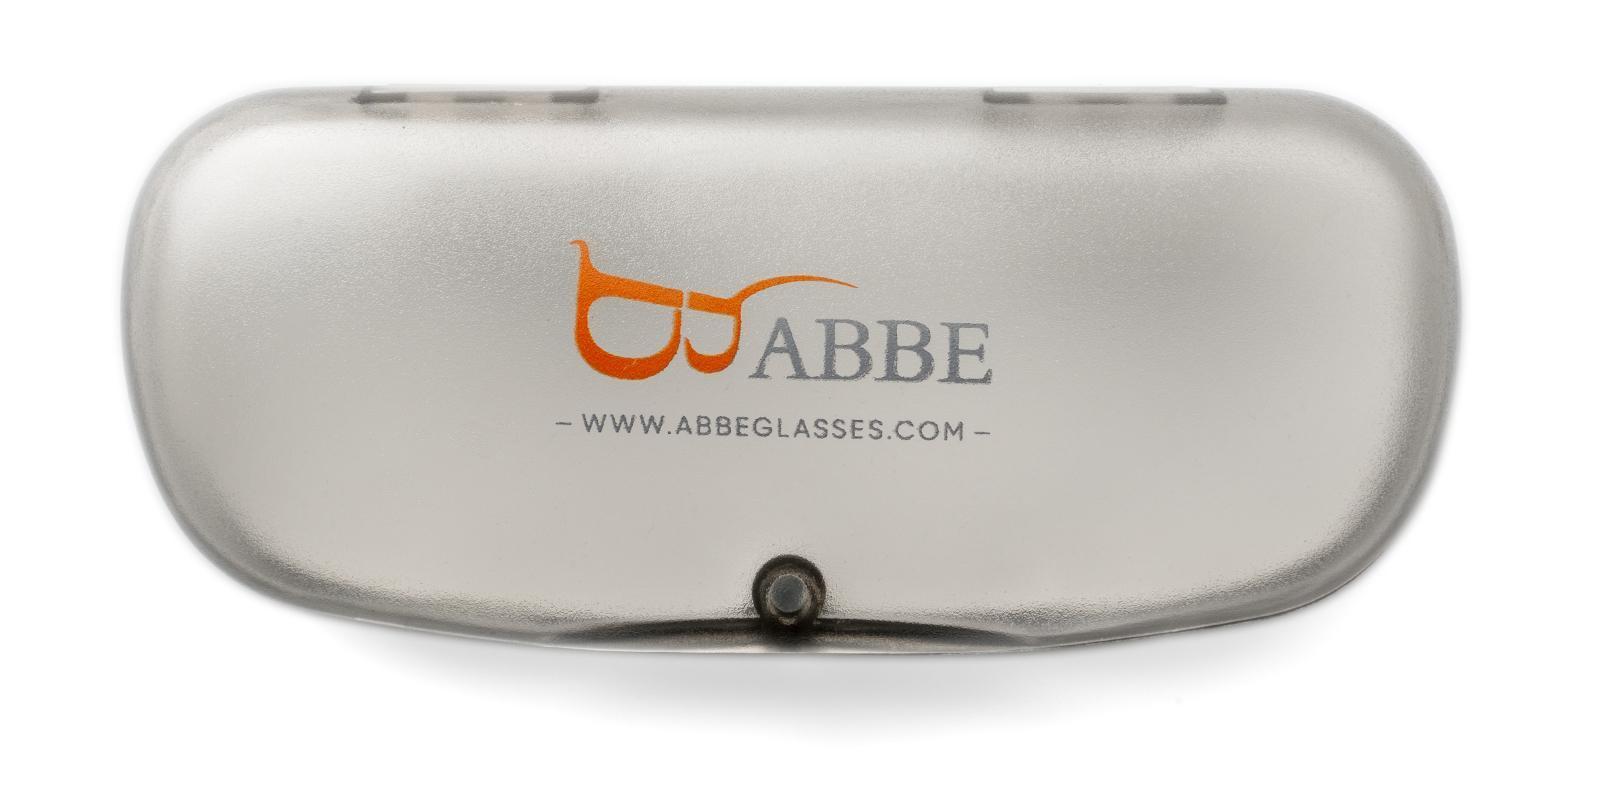 Eyeglasses Case Gray   Frames from ABBE Glasses